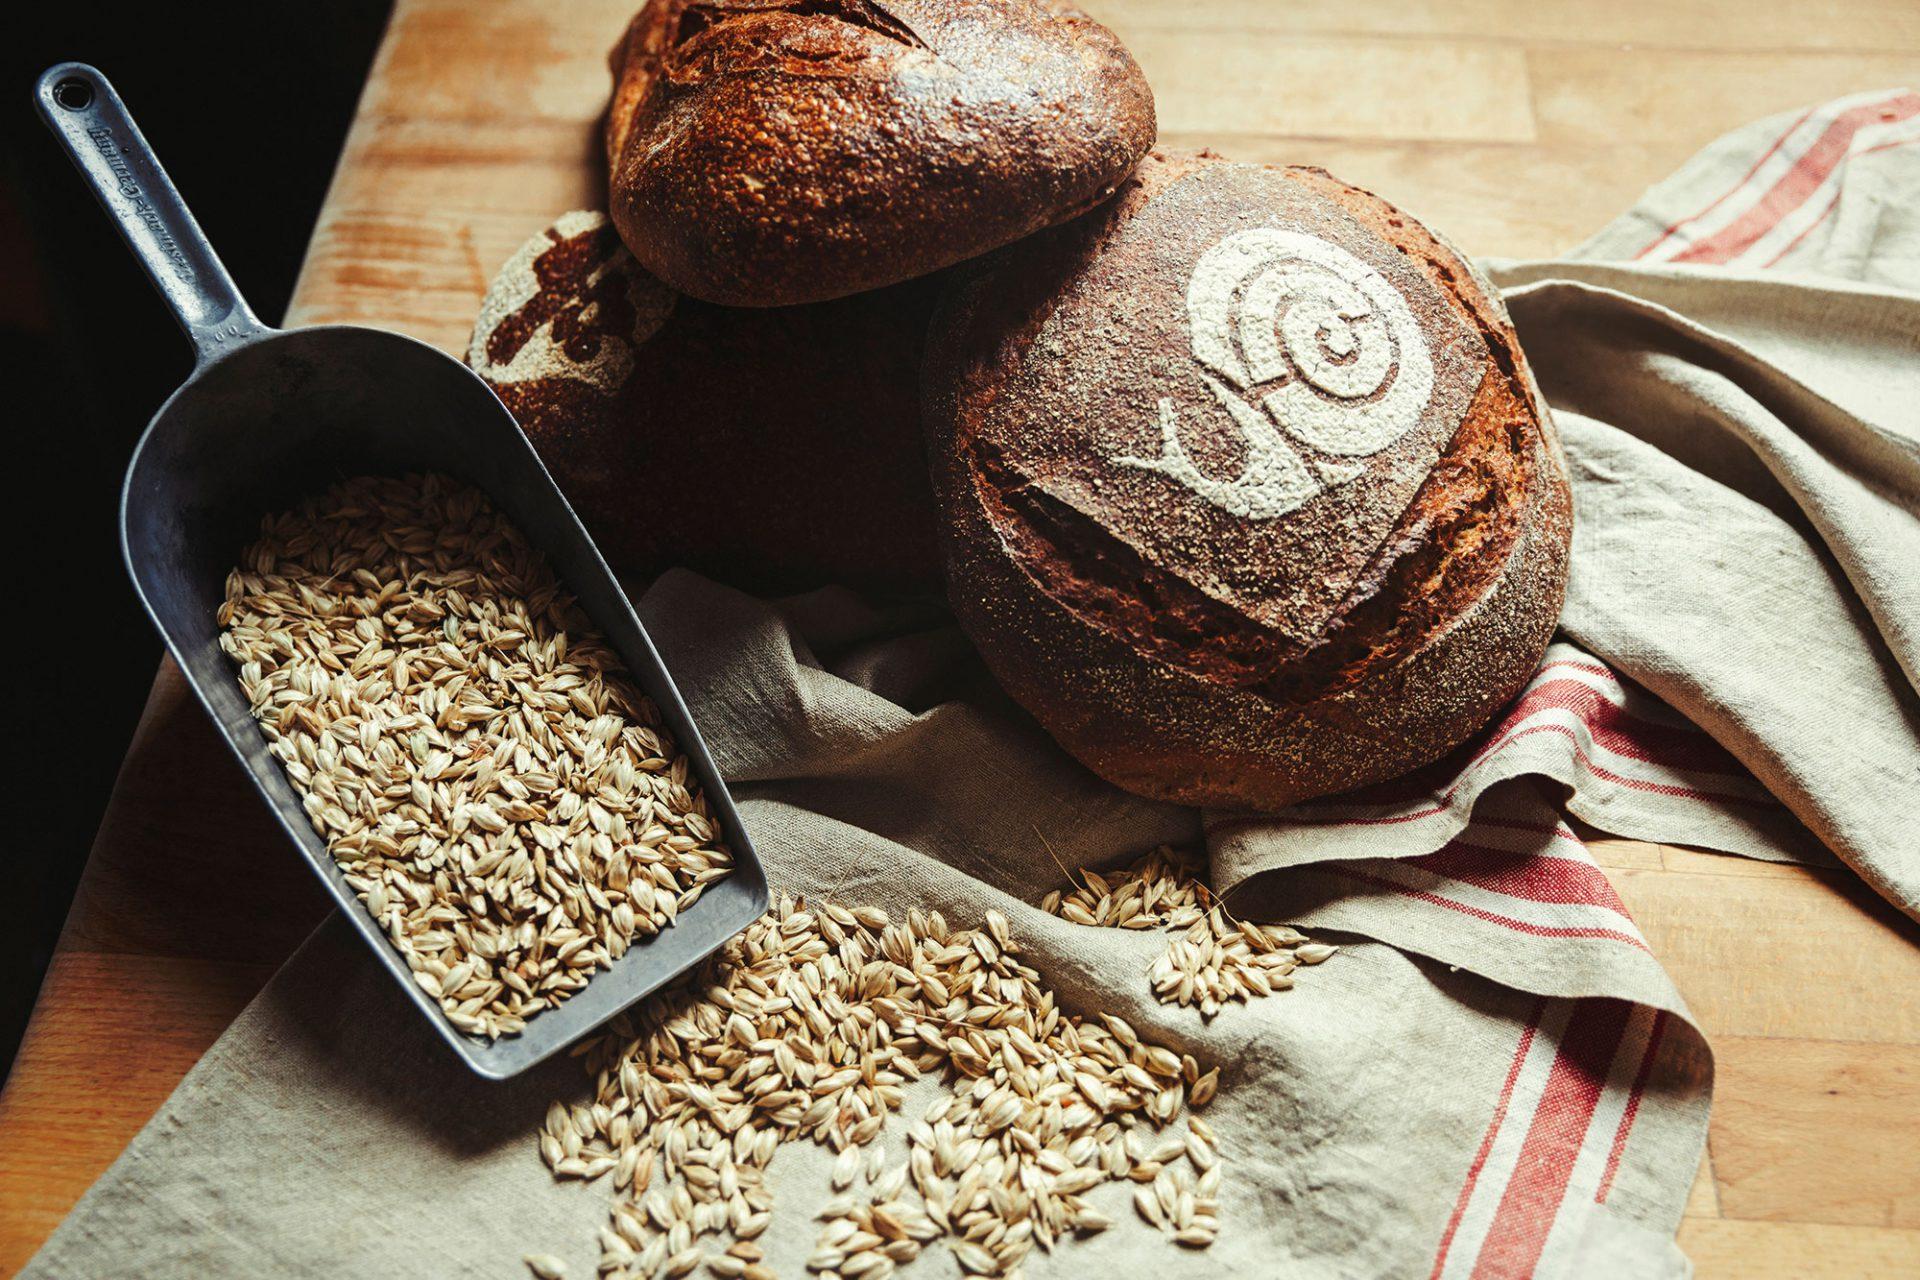 Foto van zuurdesembrood van De Veldkeuken, gemaakt door René van der Veer van de Slow Food Chefs Alliantie - Foto door Bibi Veth